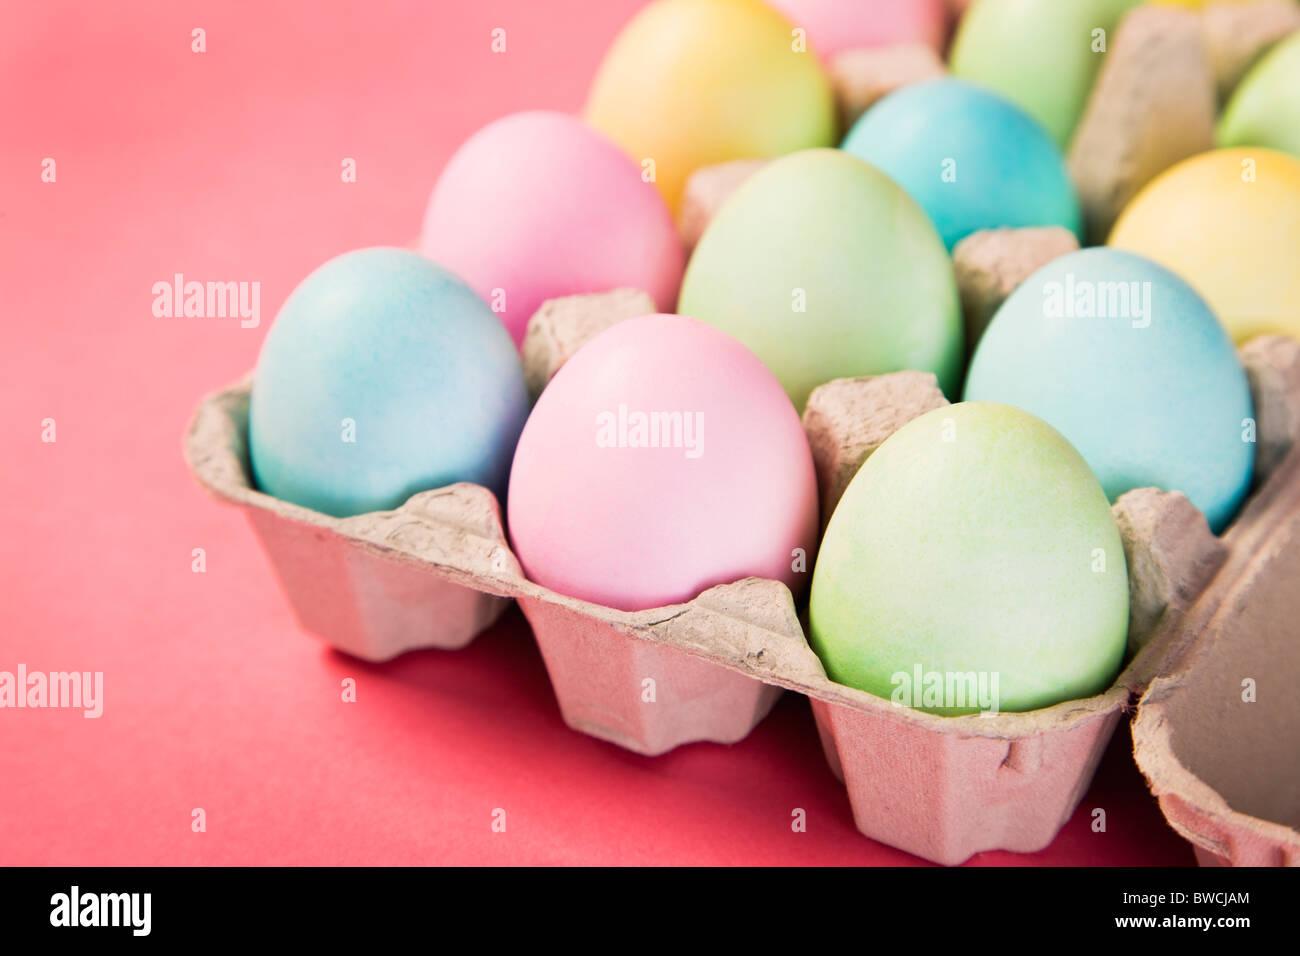 Studioaufnahme von Easter Eggs in Karton Stockbild